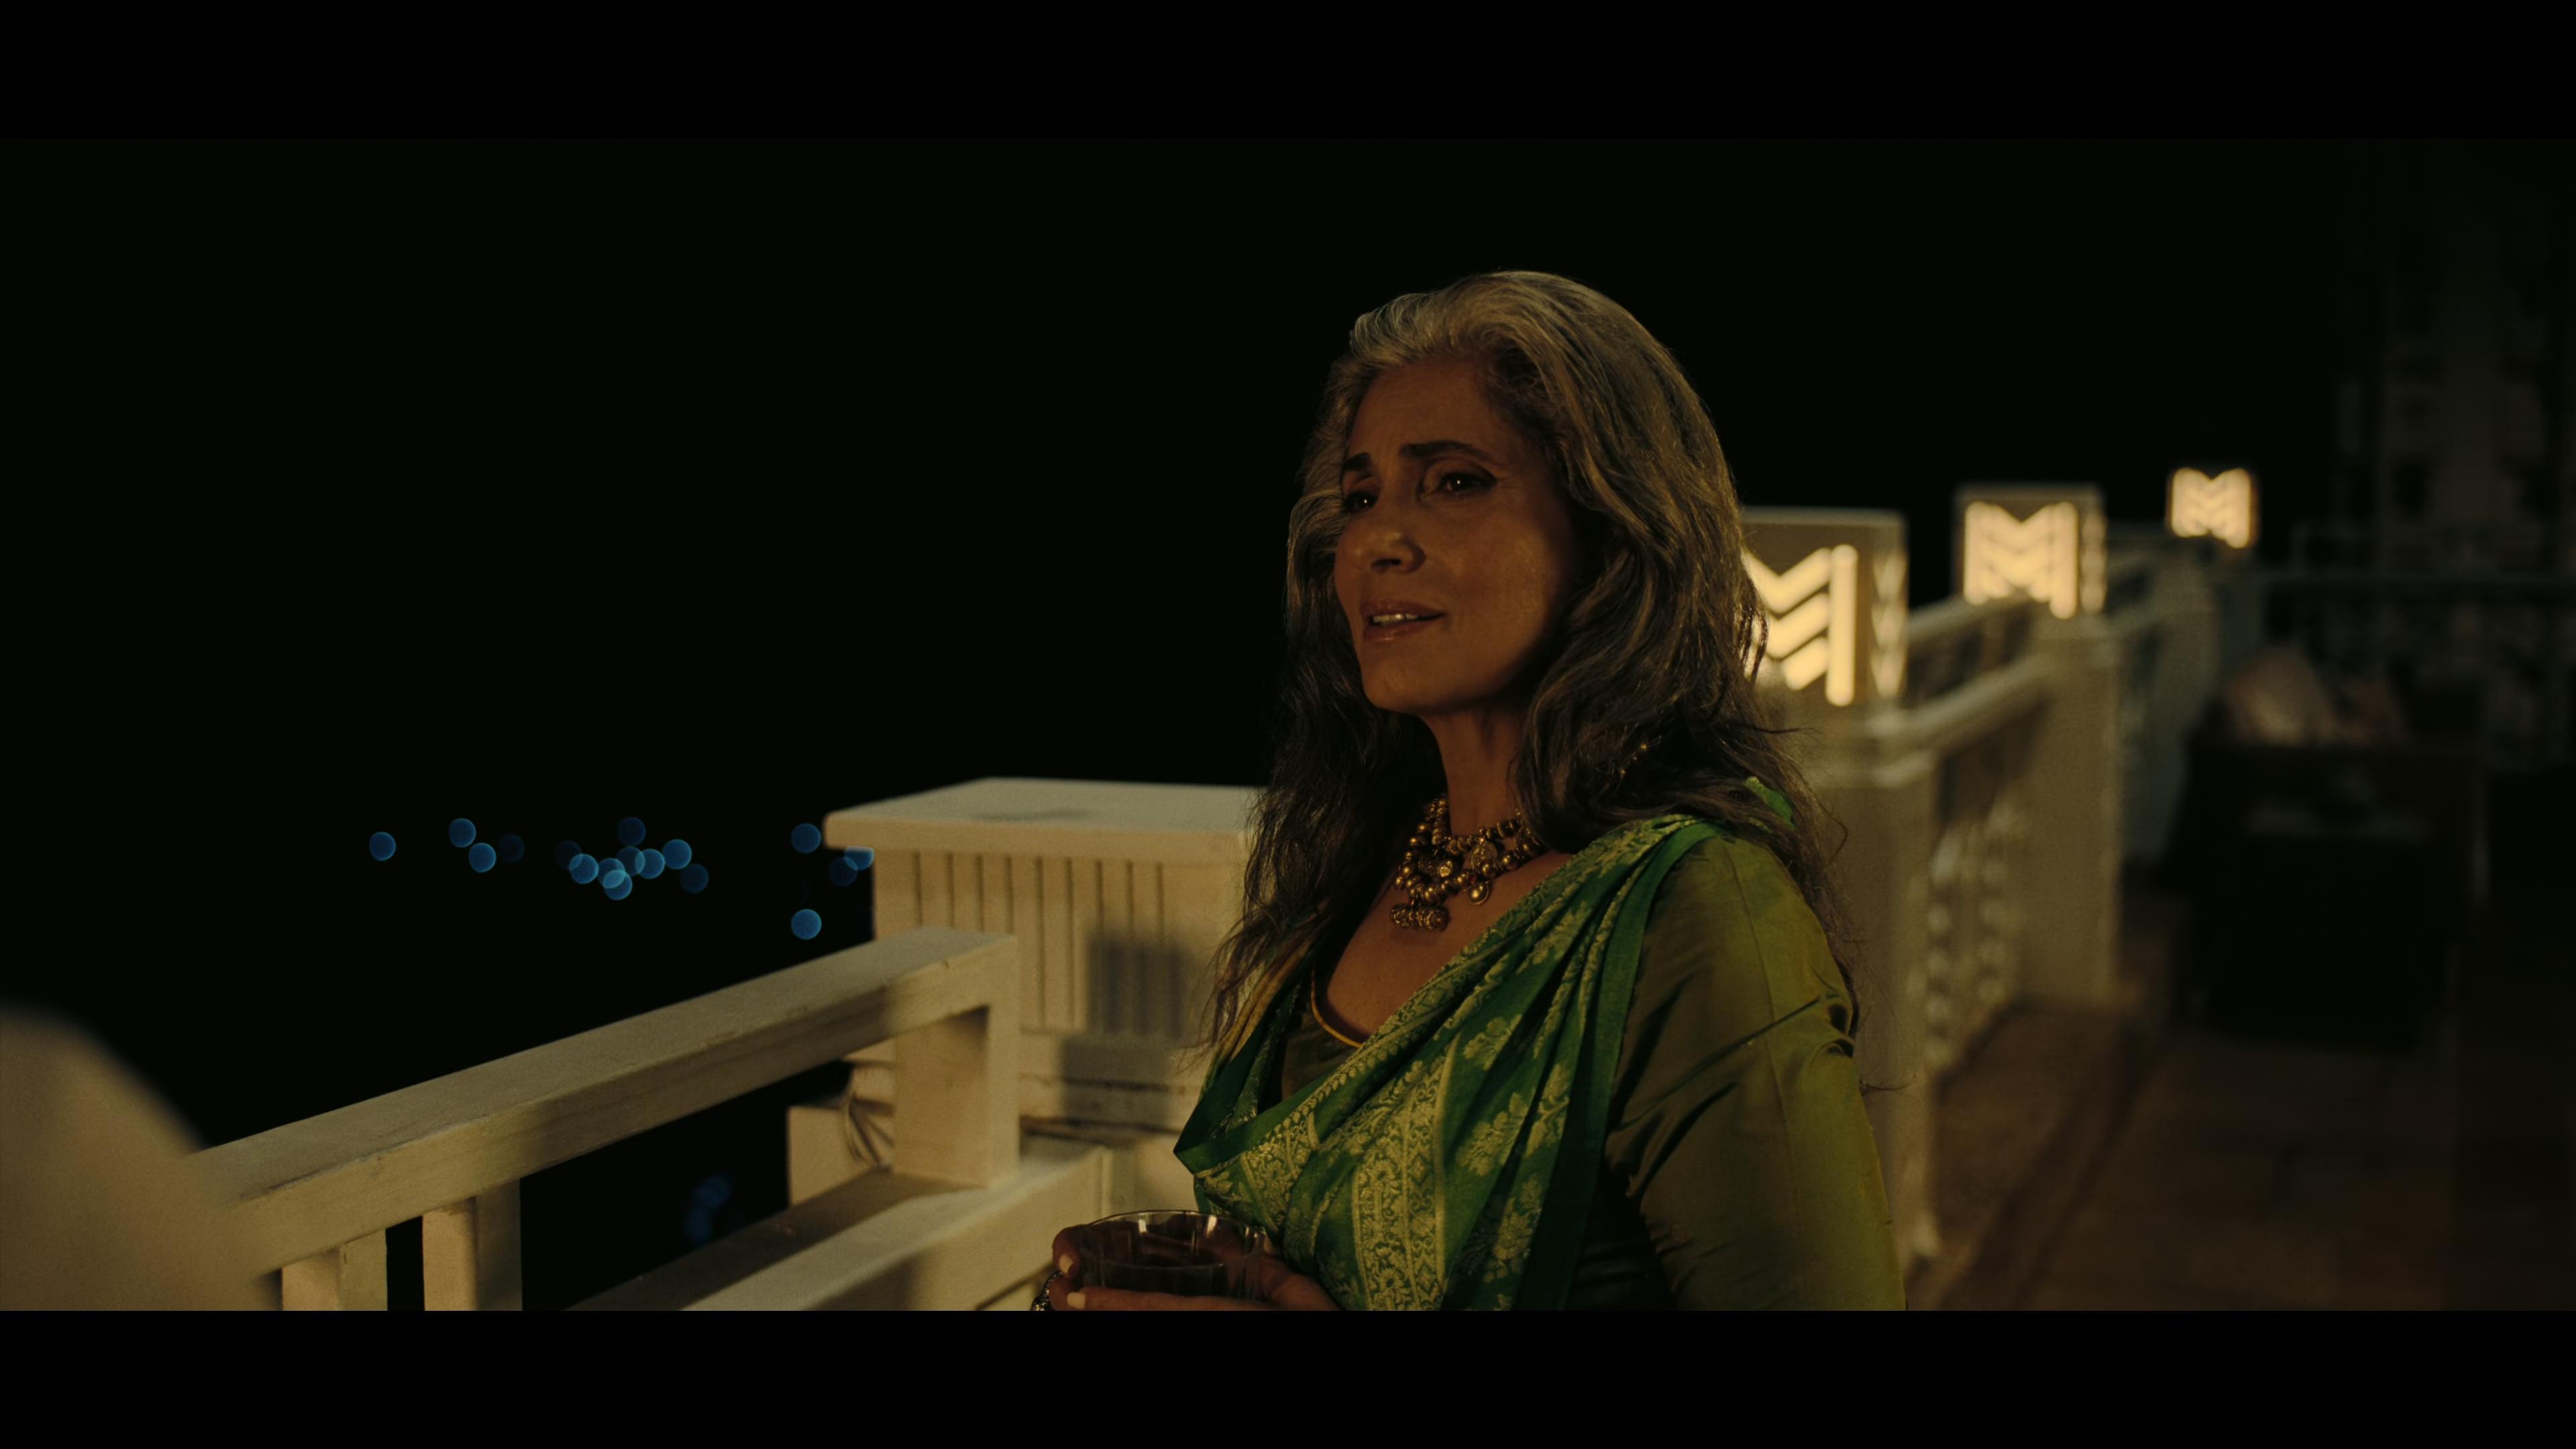 Priya-Tenet